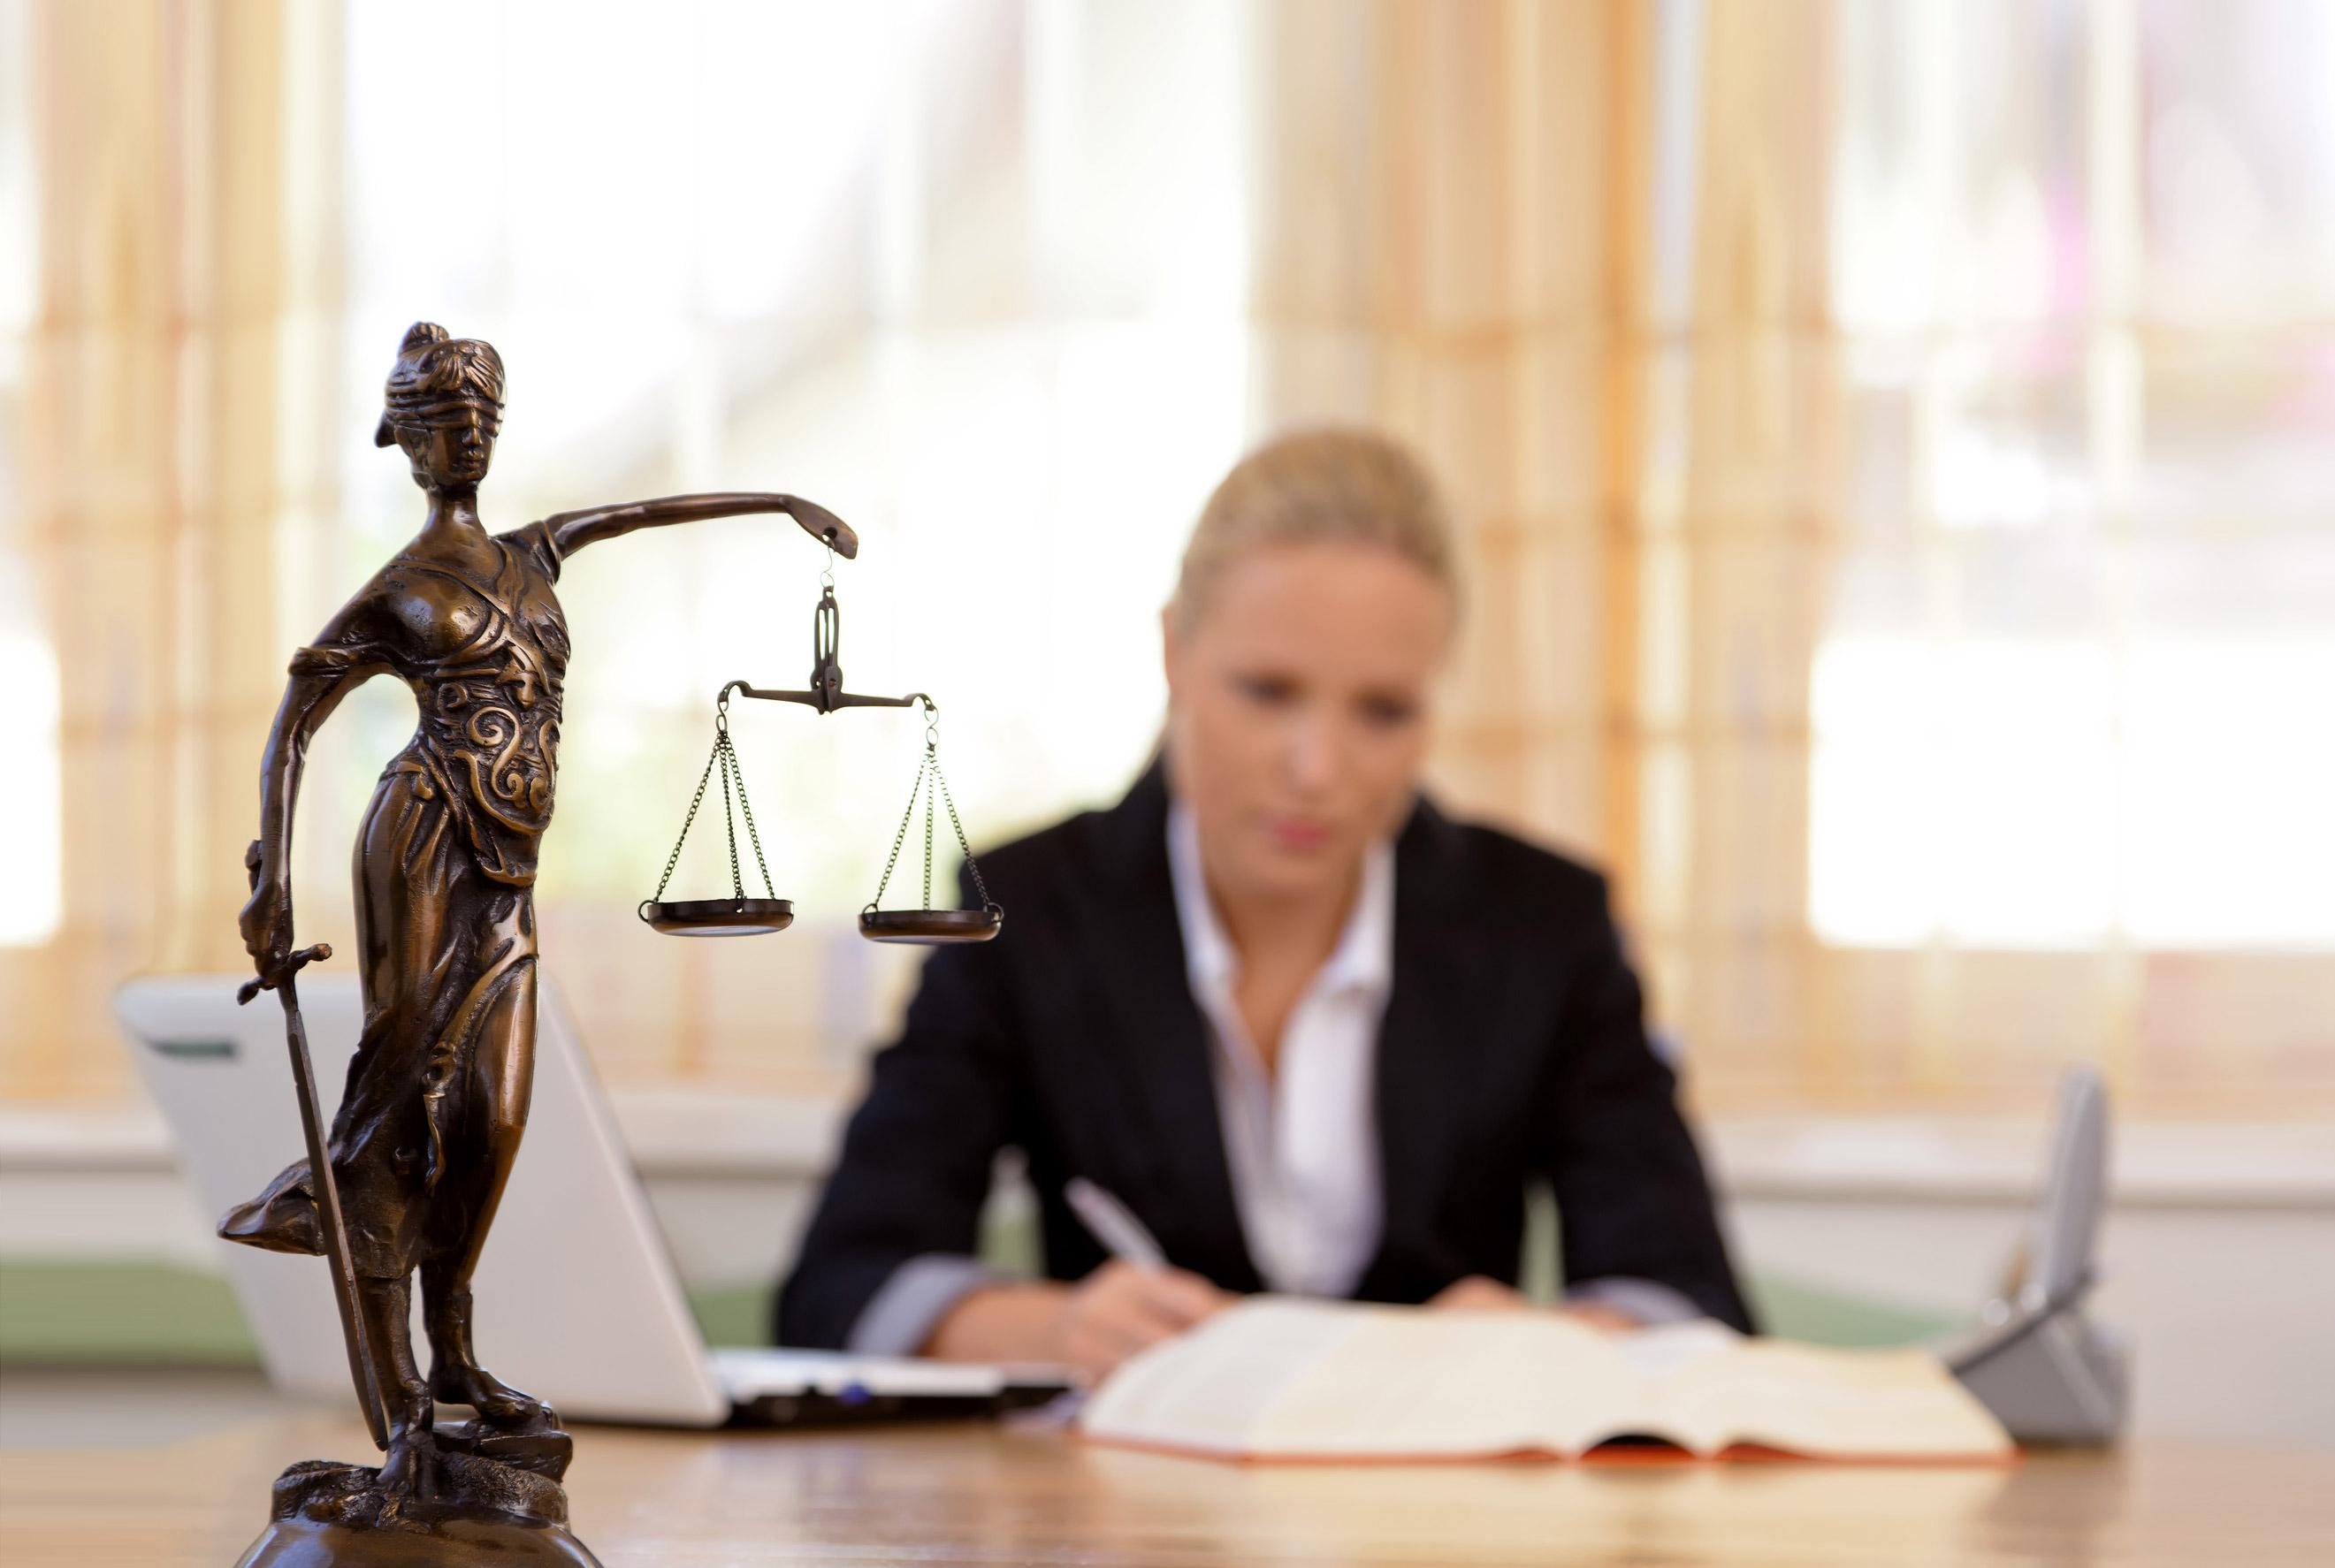 юридическая консультация картинки для презентации ку-ку